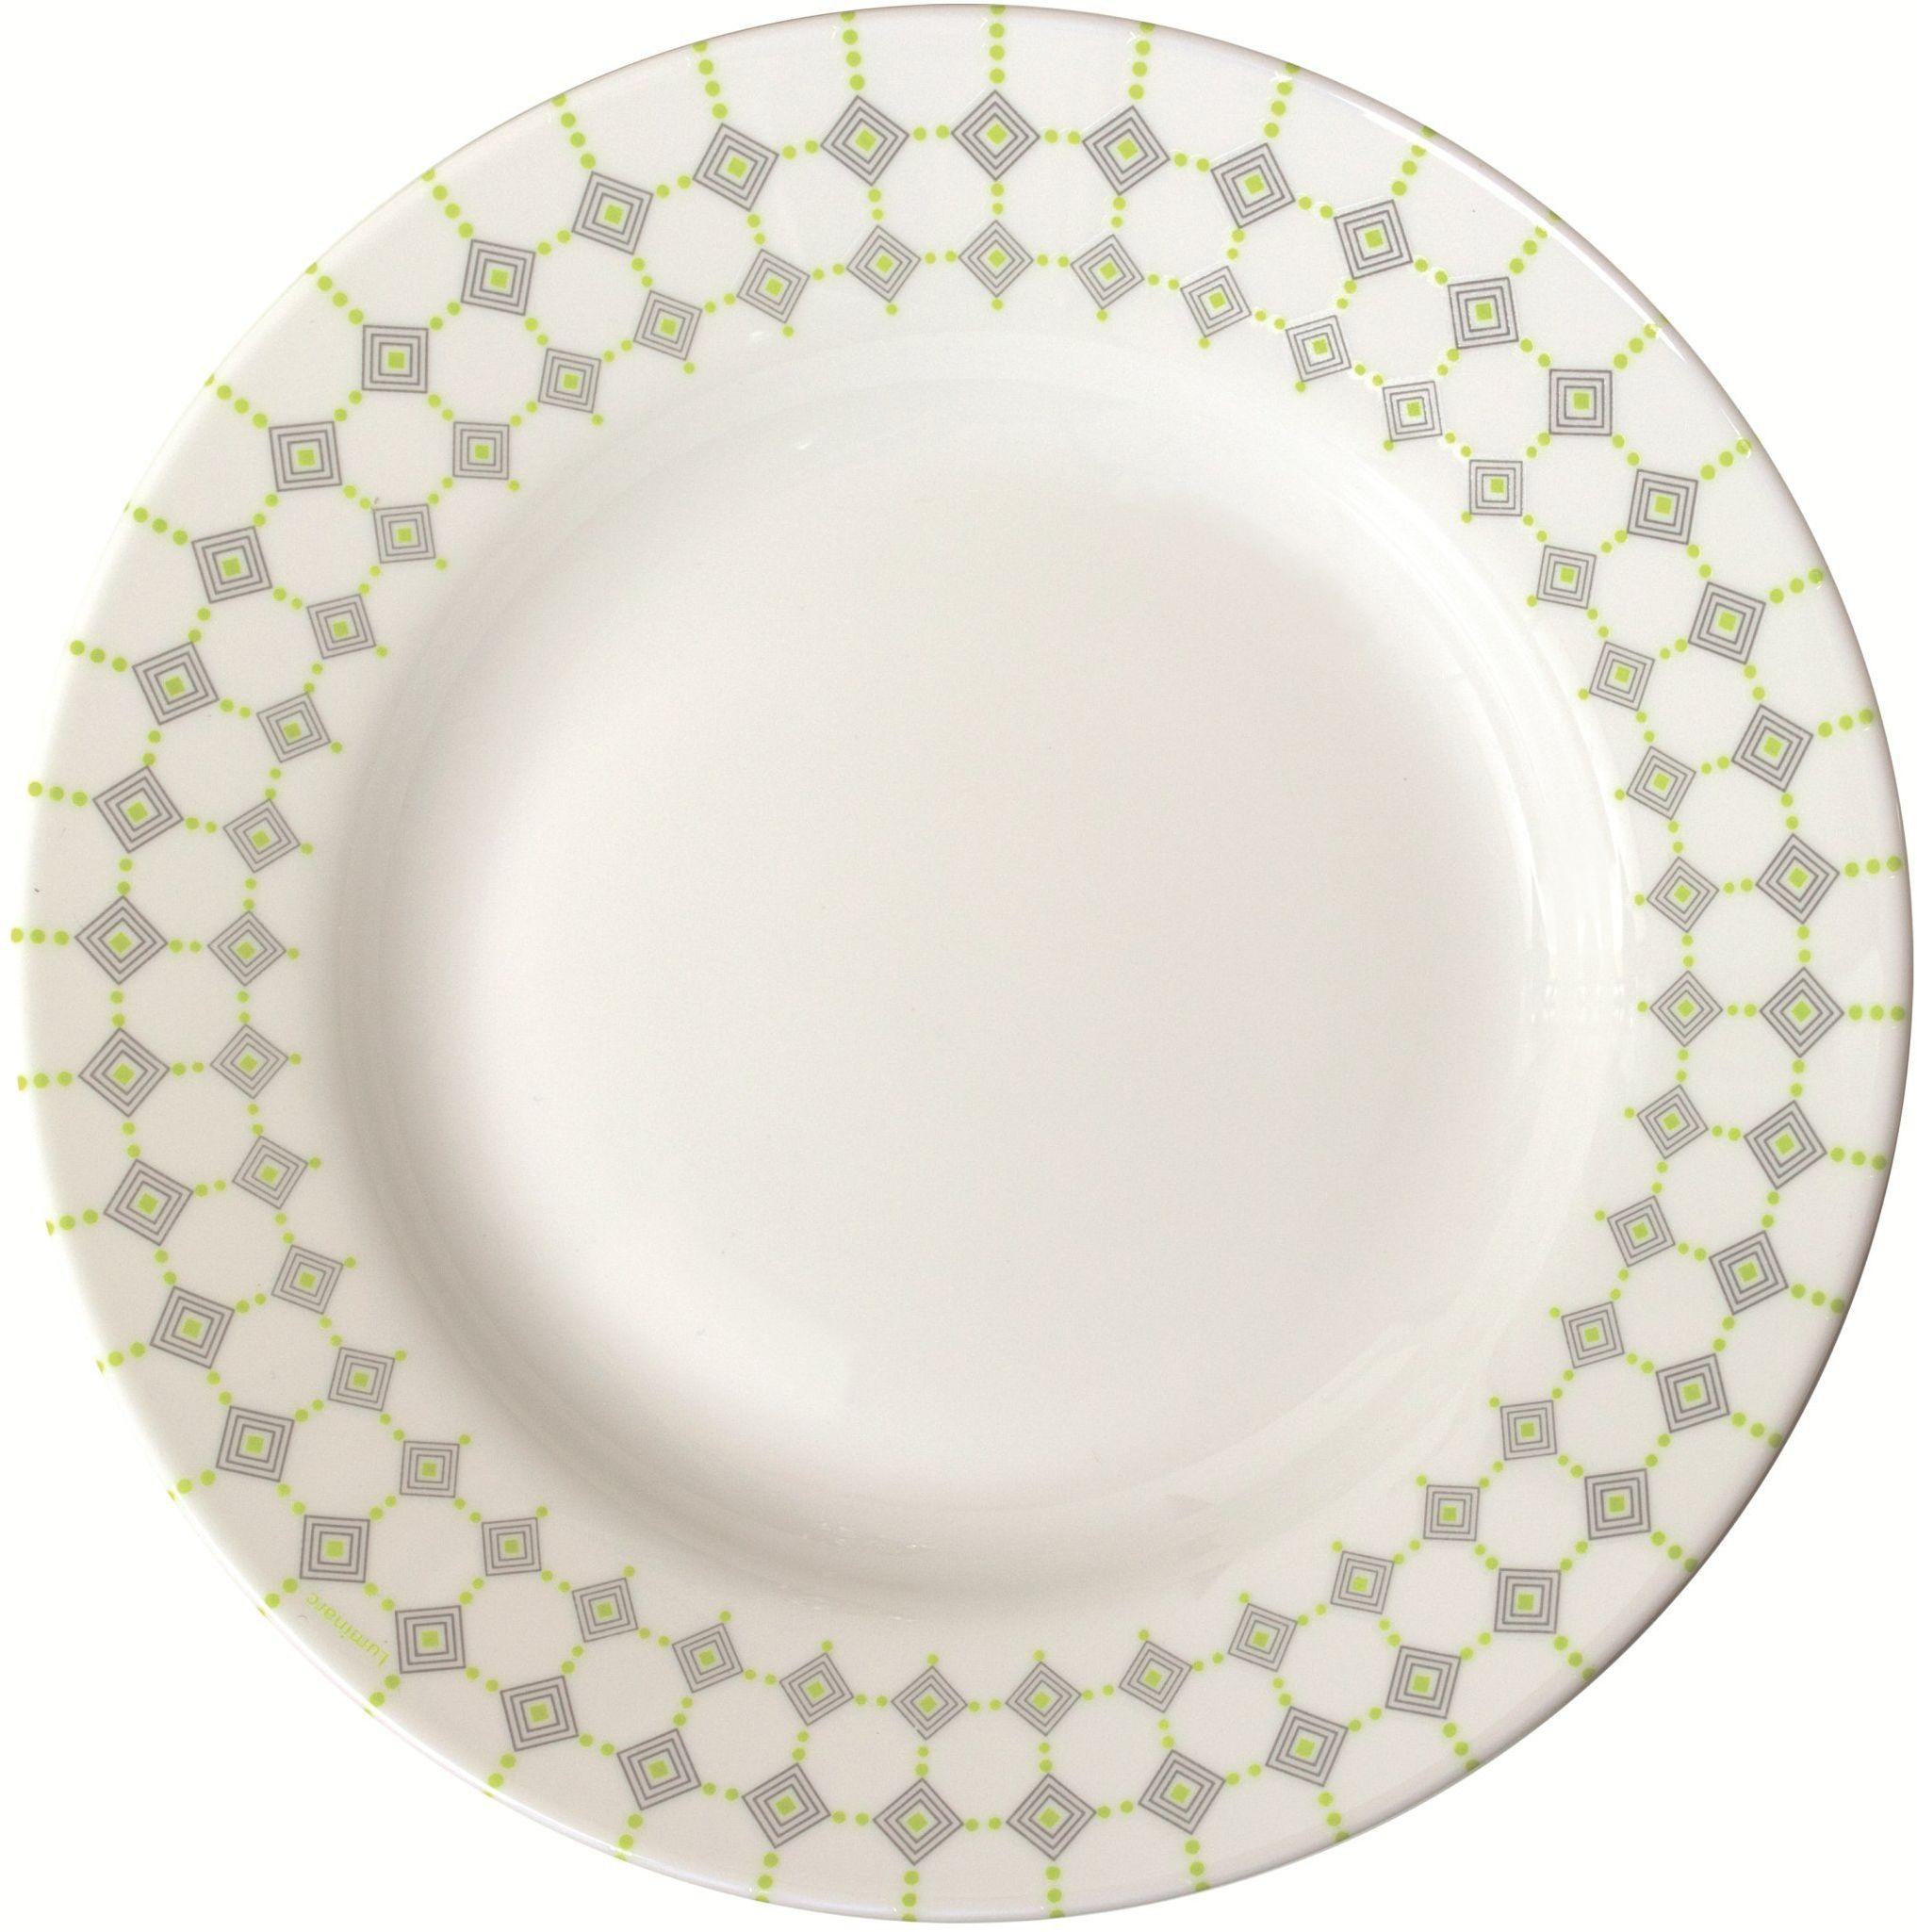 Dajar Talerz do zupy EDWIGE 22 cm, szkło, biały szary, 22 cm